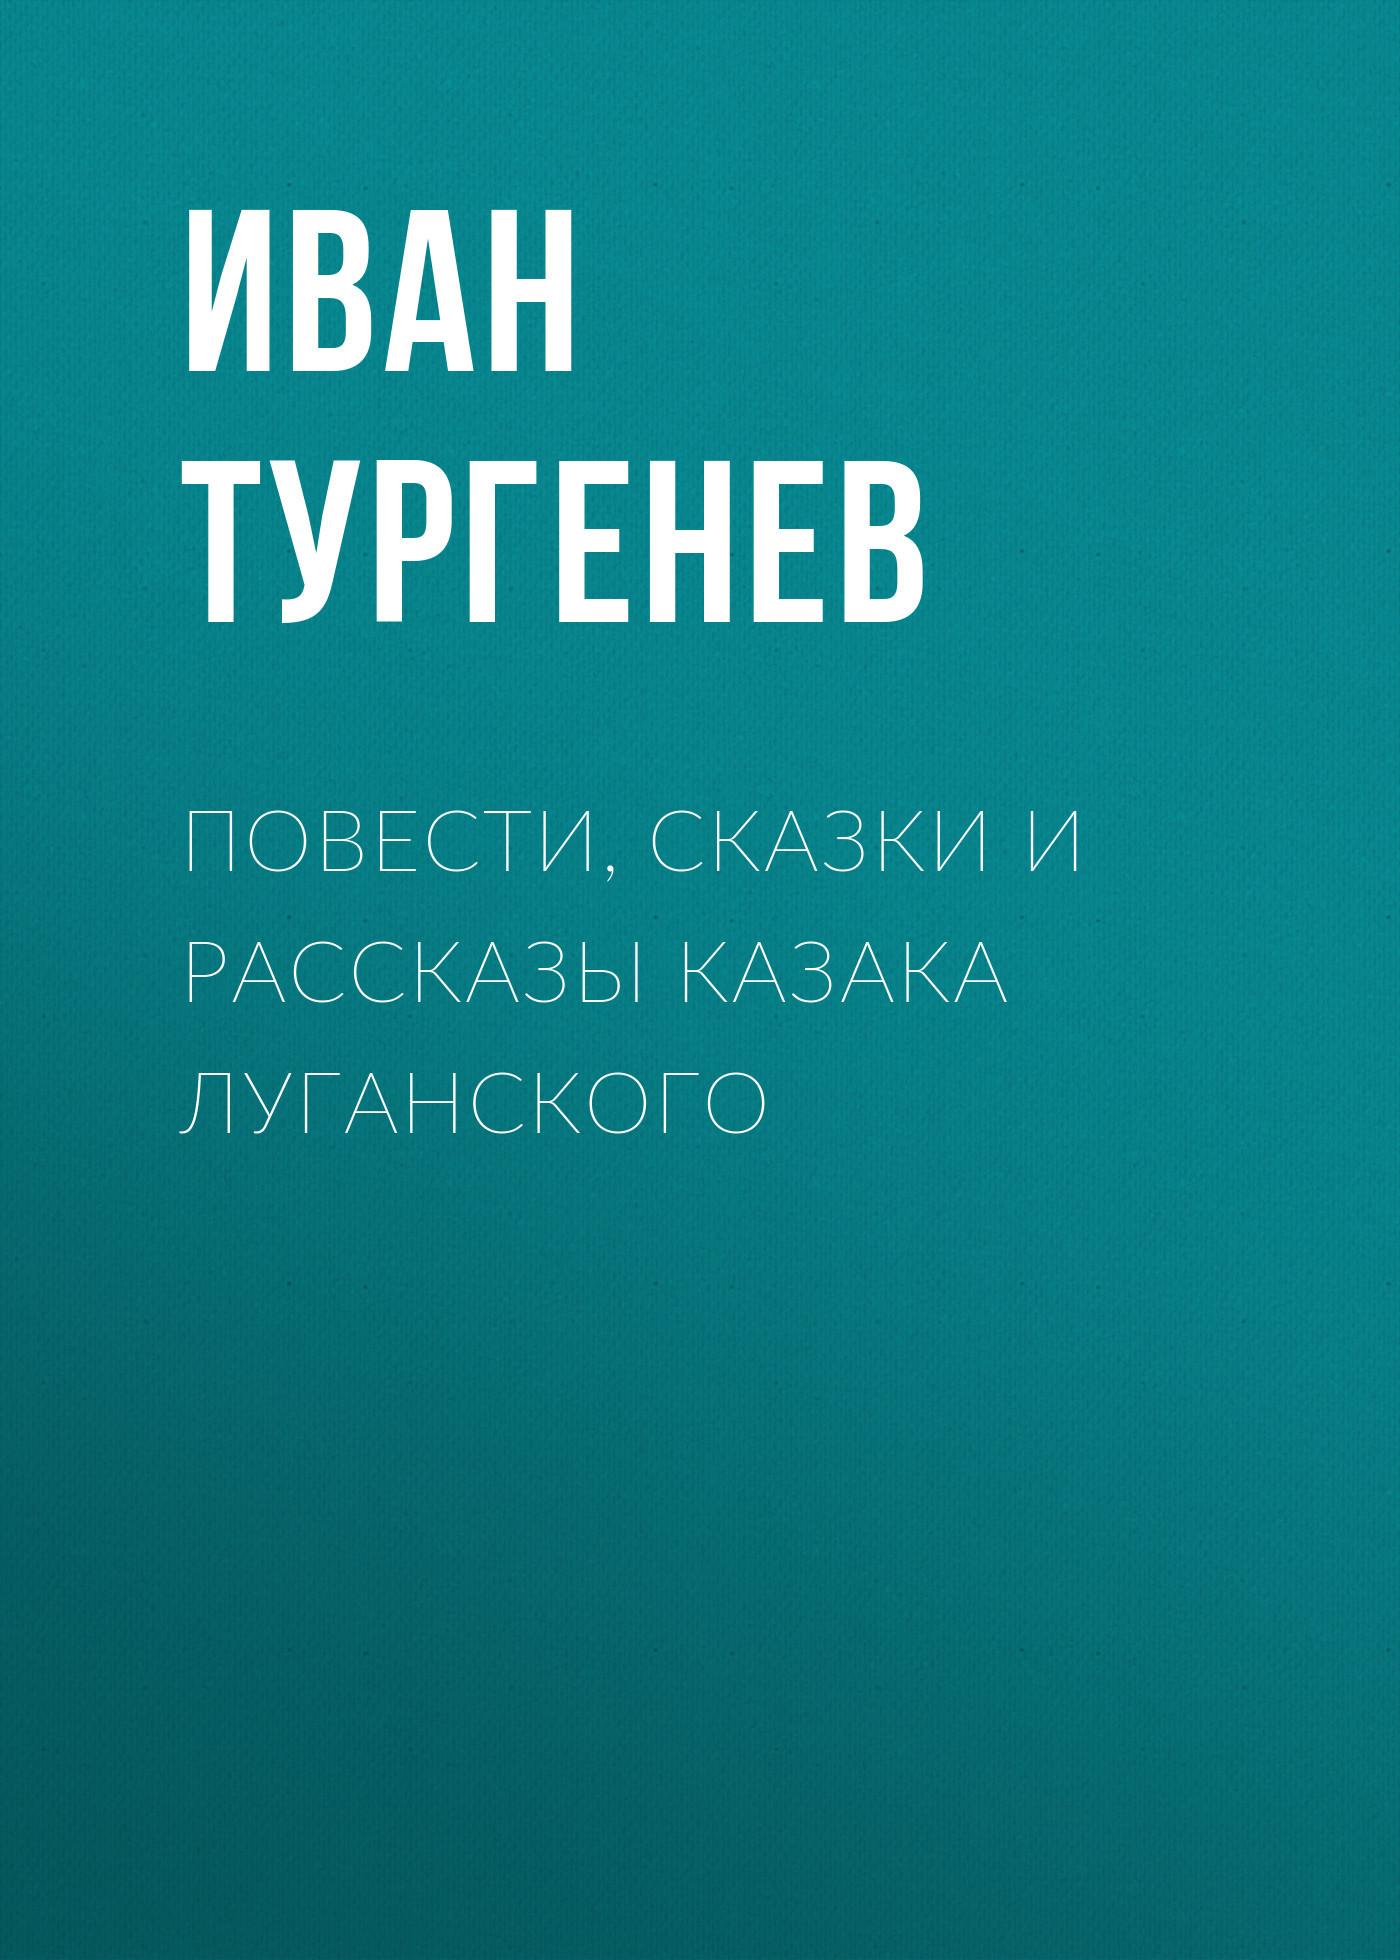 Повести, сказки и рассказы Казака Луганского